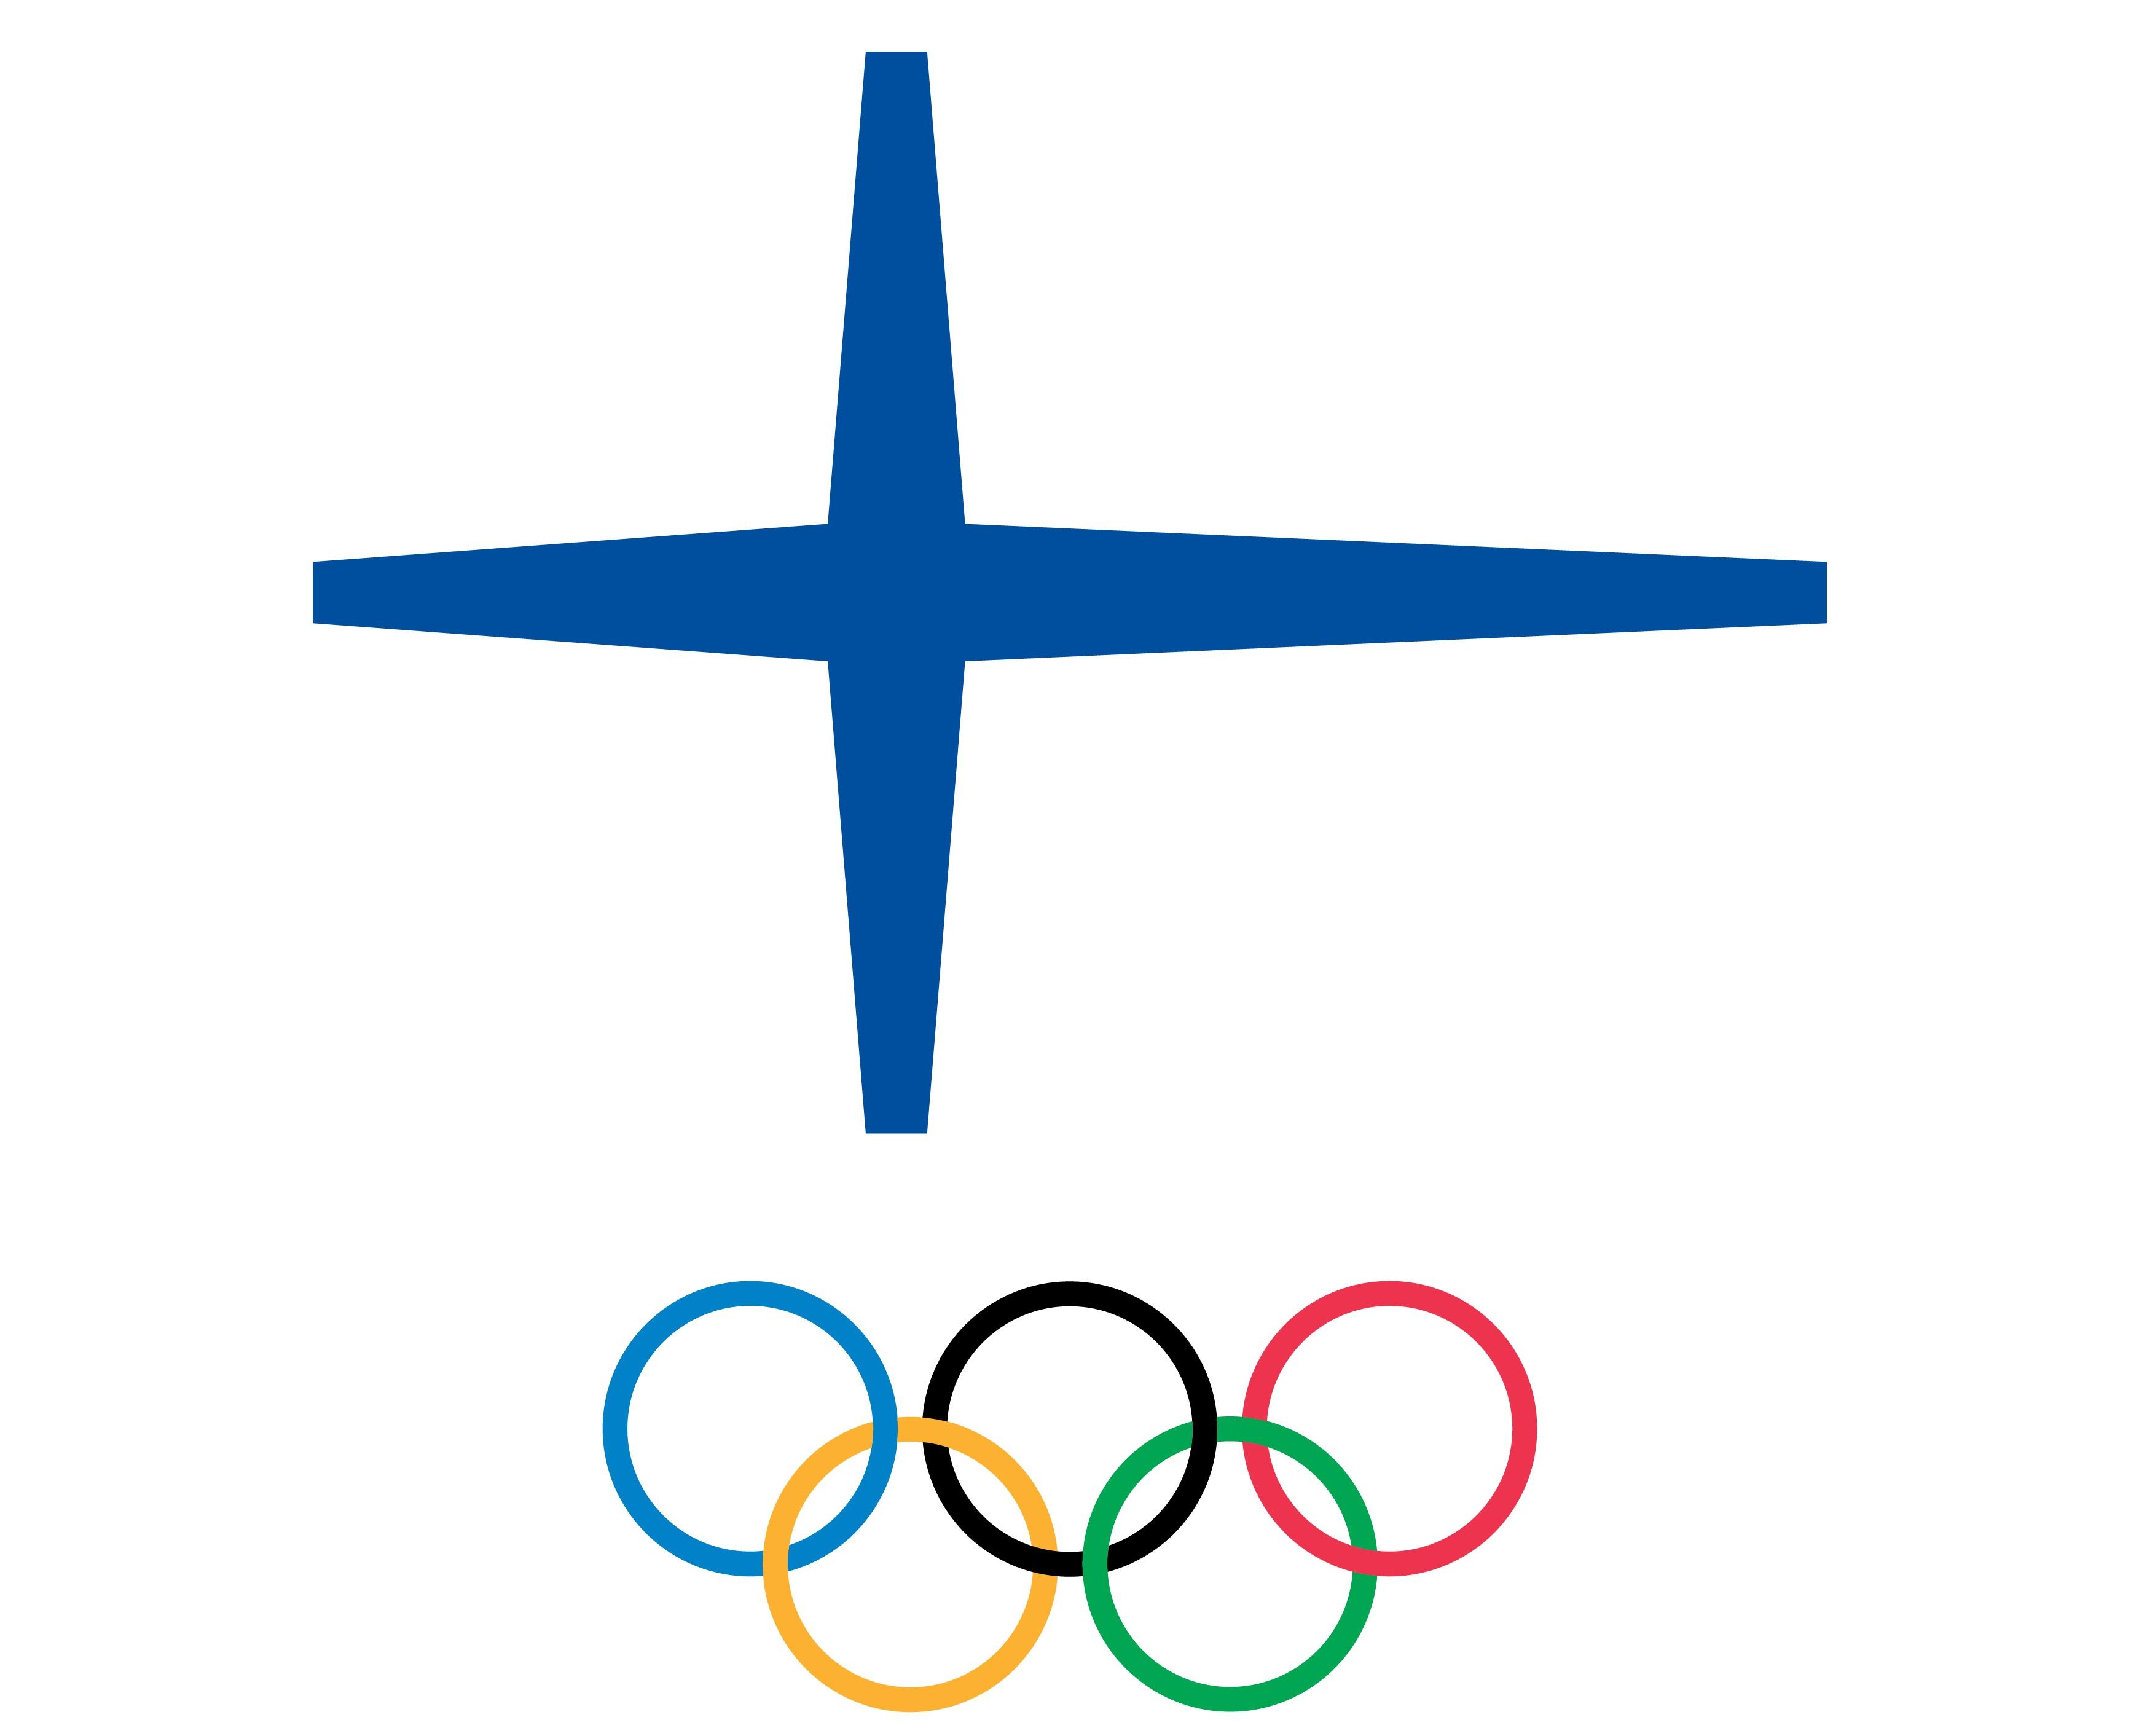 okn logo